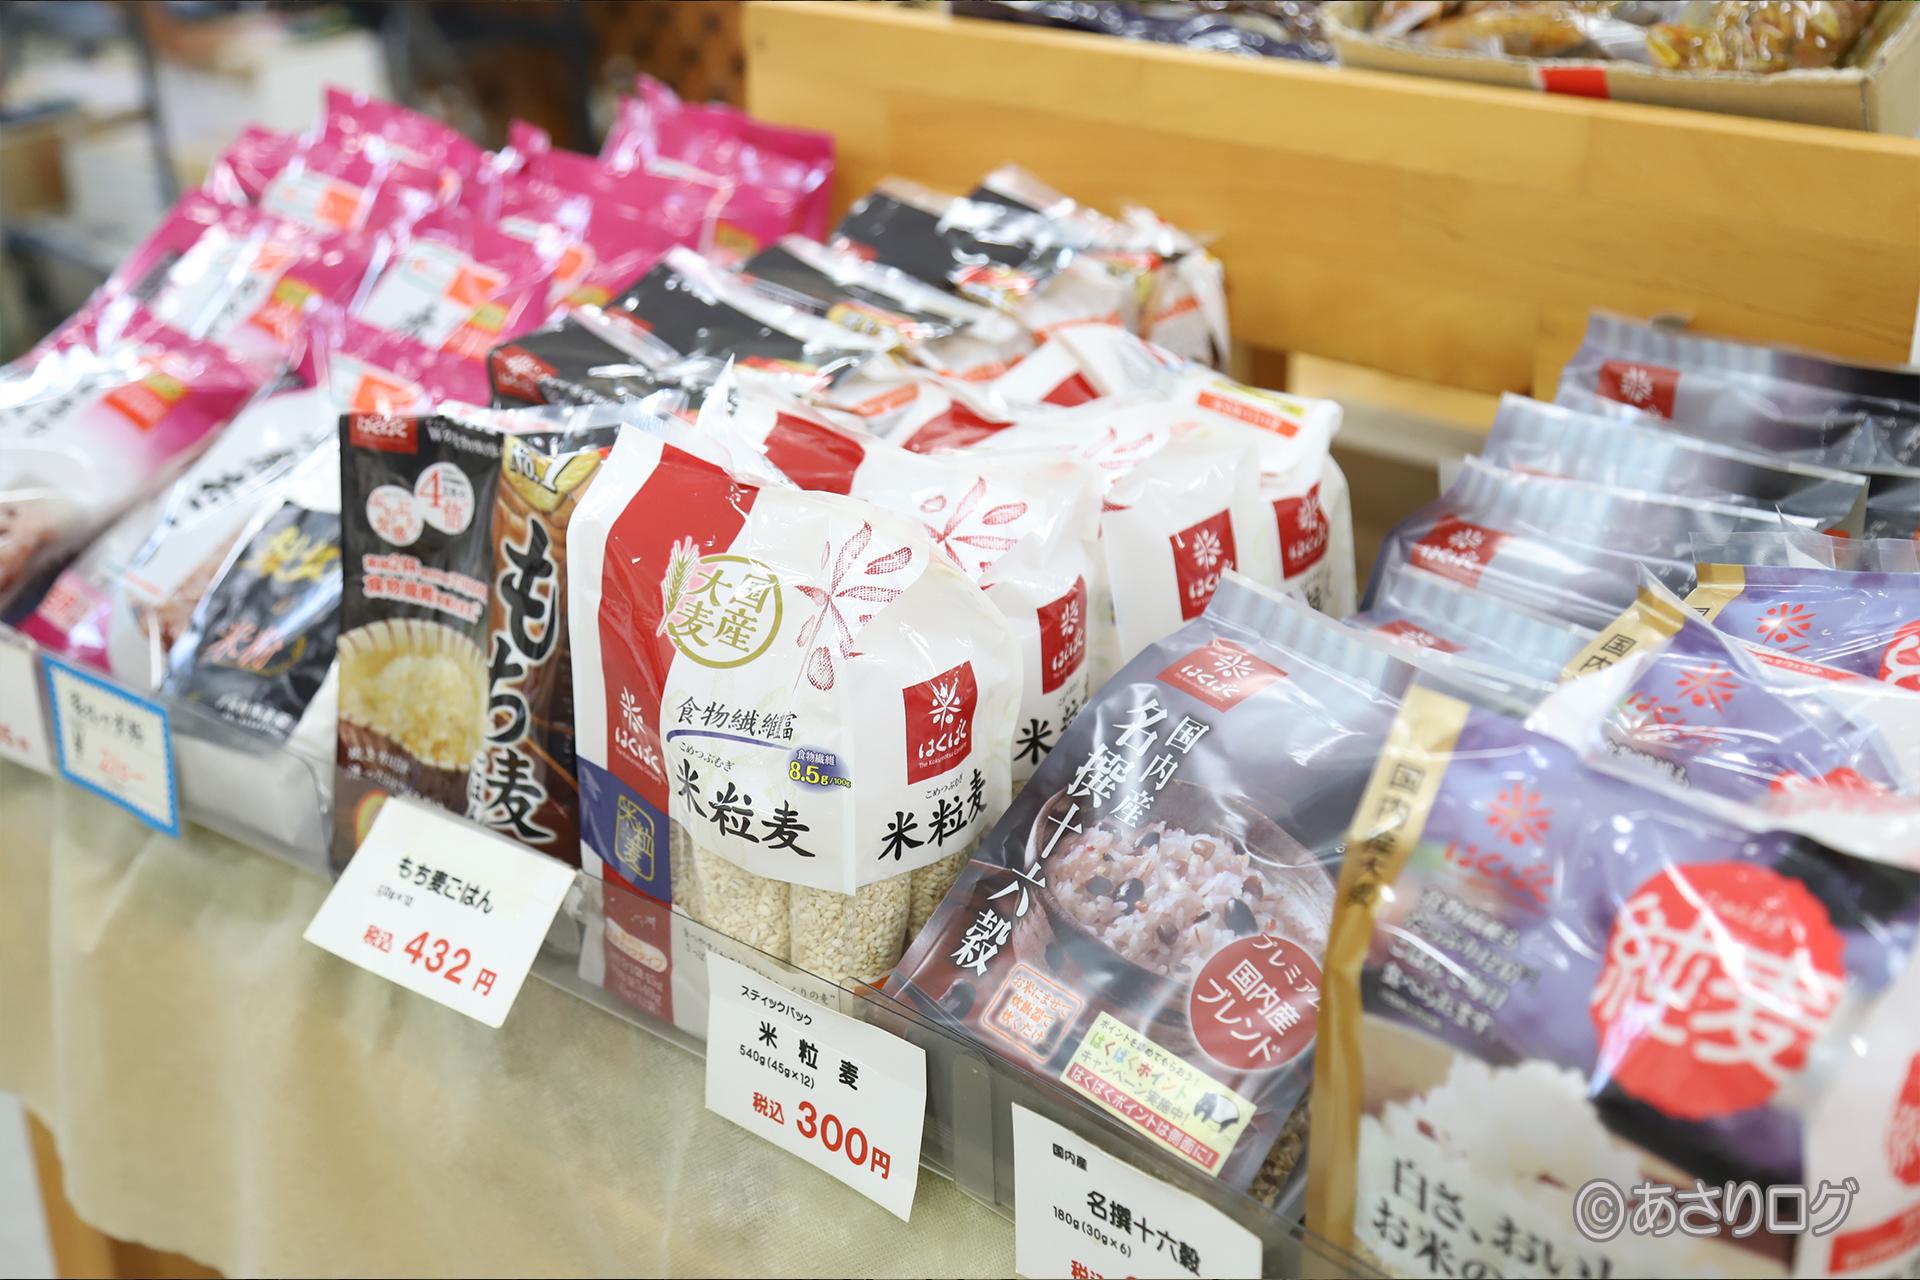 yamanashi Rice